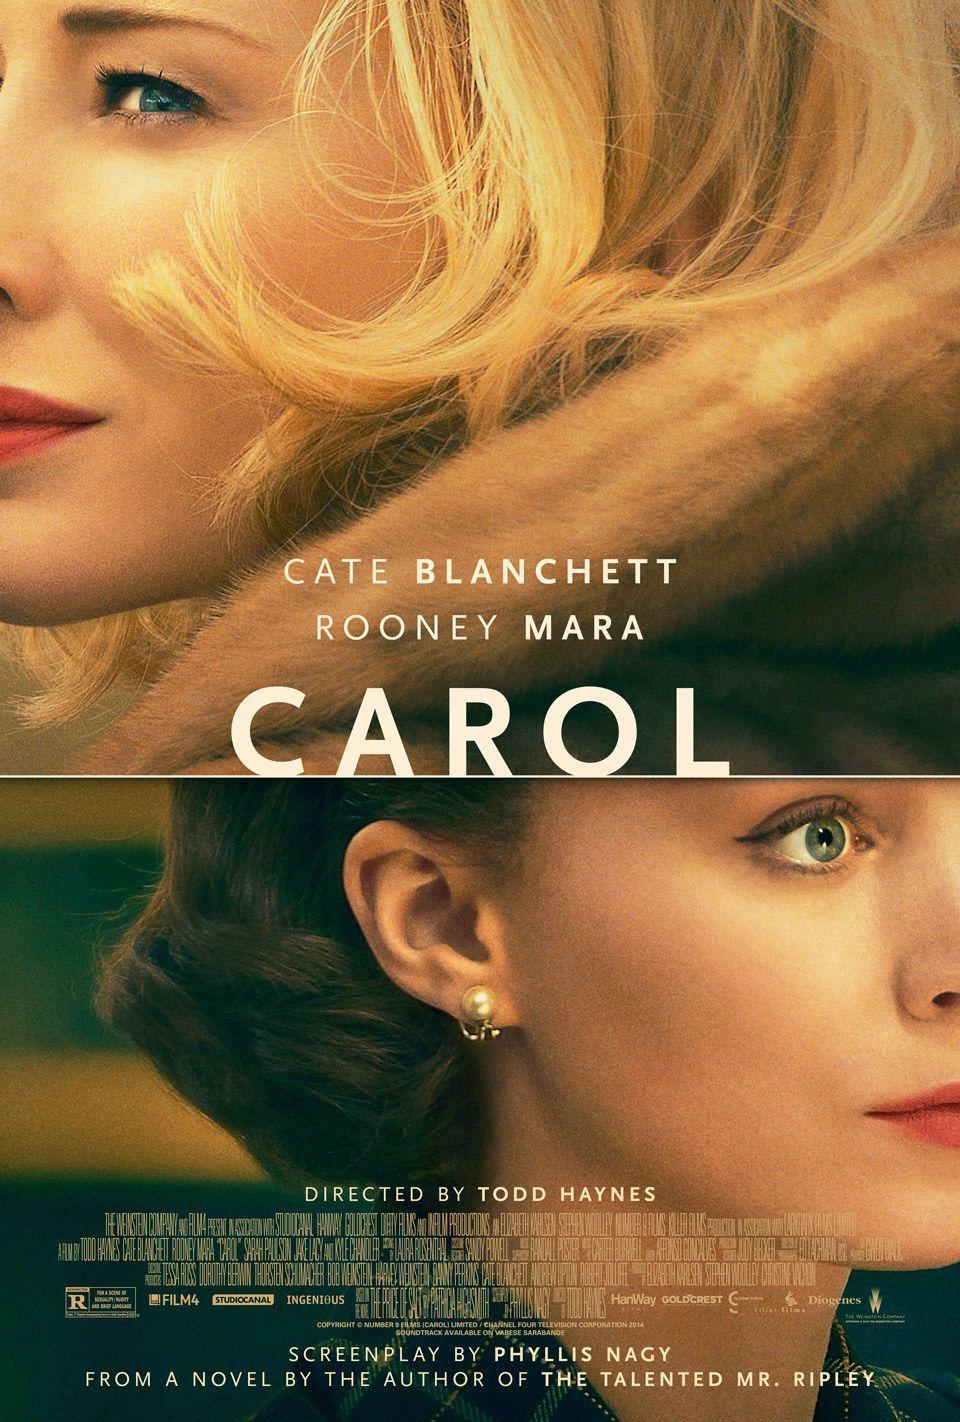 Carol (2015) Rooney mara, Cate blanchett, Good movies on